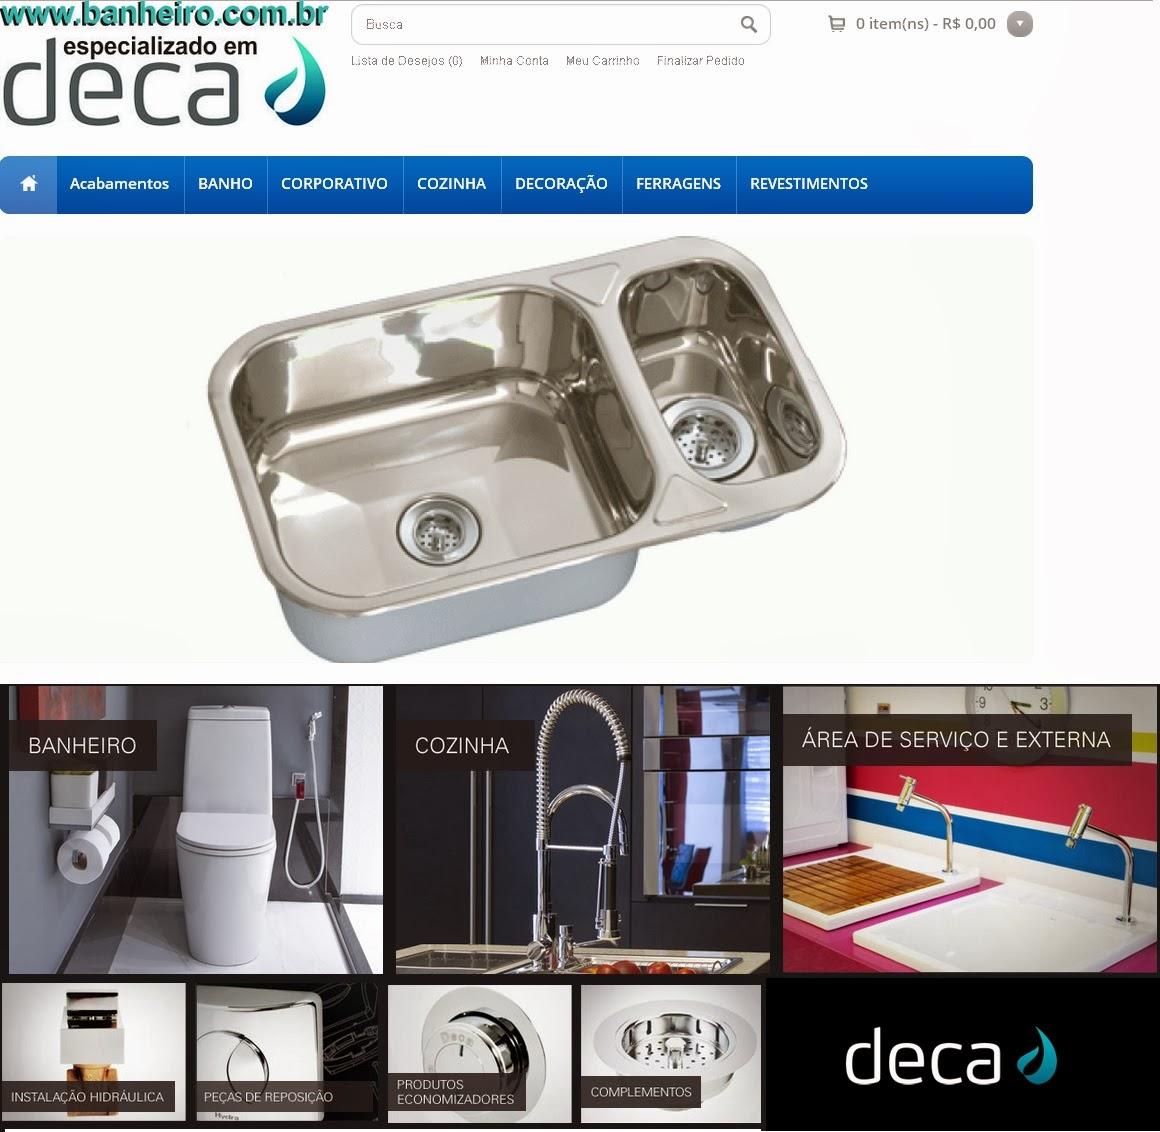 Sarah Decor & Design: Soluções e Produtos DECA www.banheiro.com.br #074993 1160x1132 Acessorios Banheiro Deca